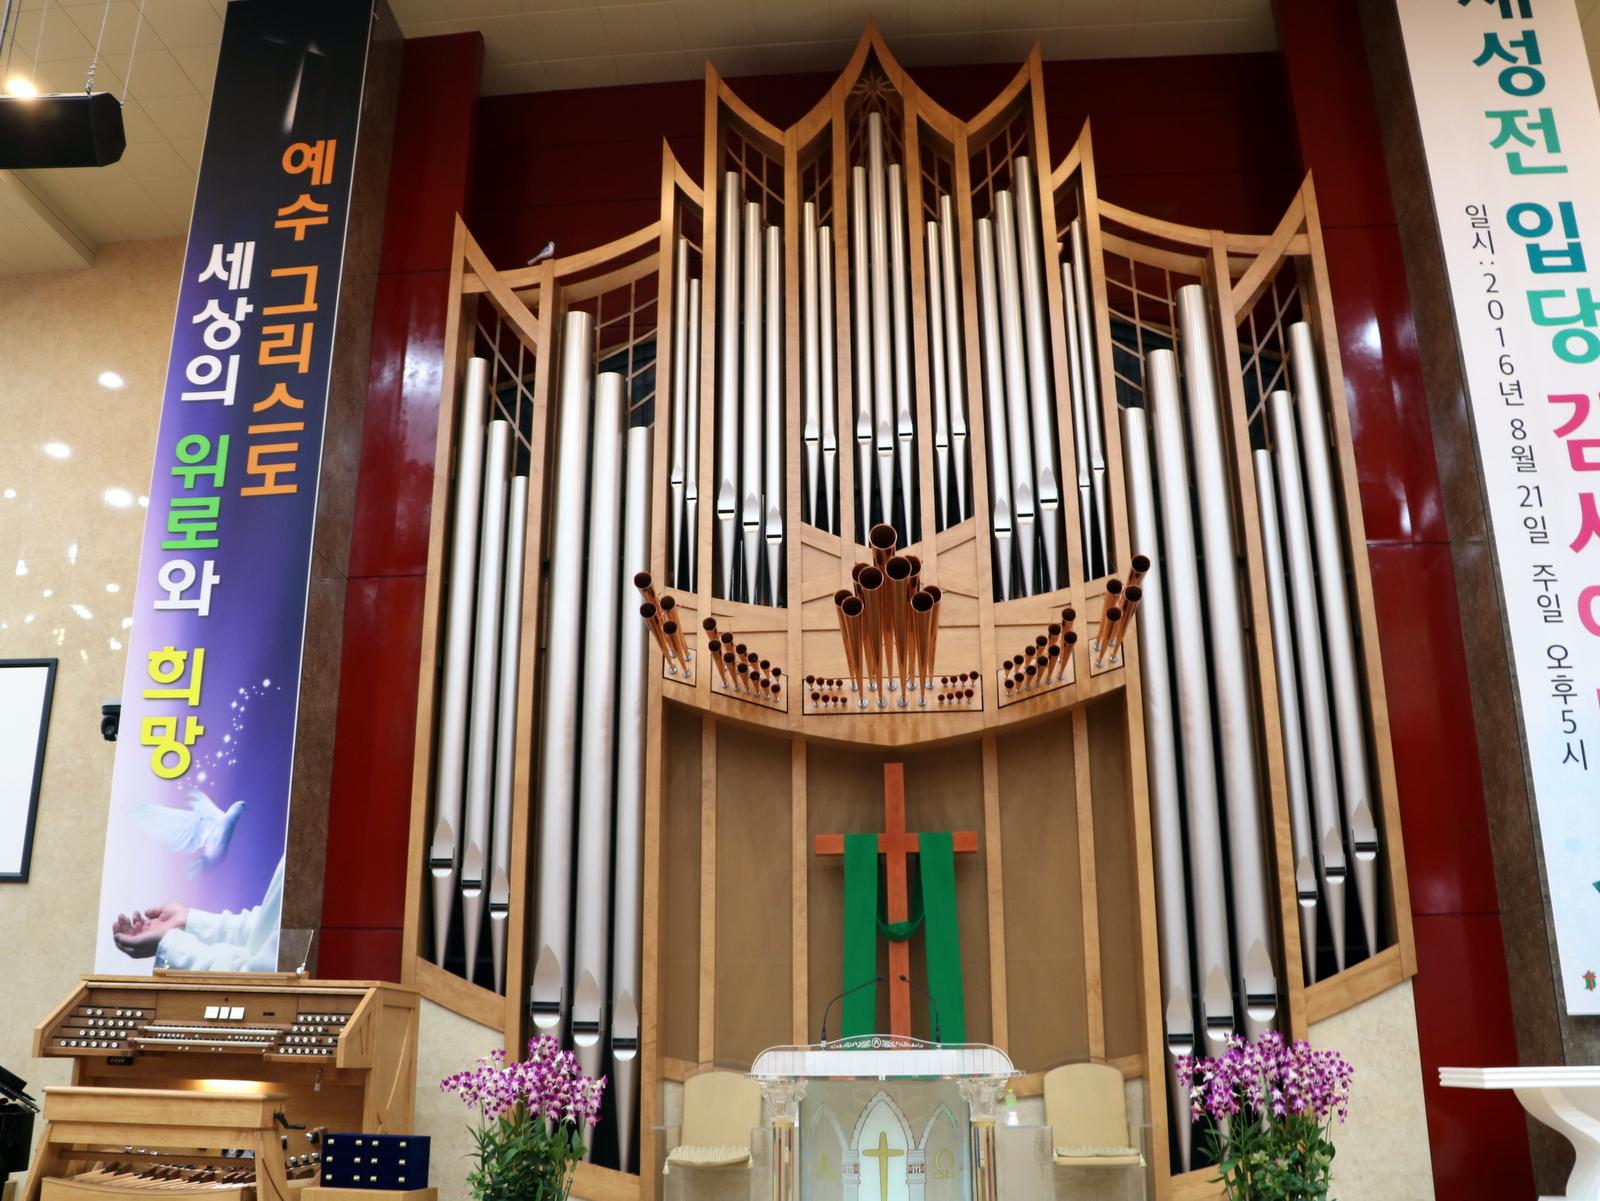 Bansuk Jeonwon Presb Church, Daejeon, South Korea